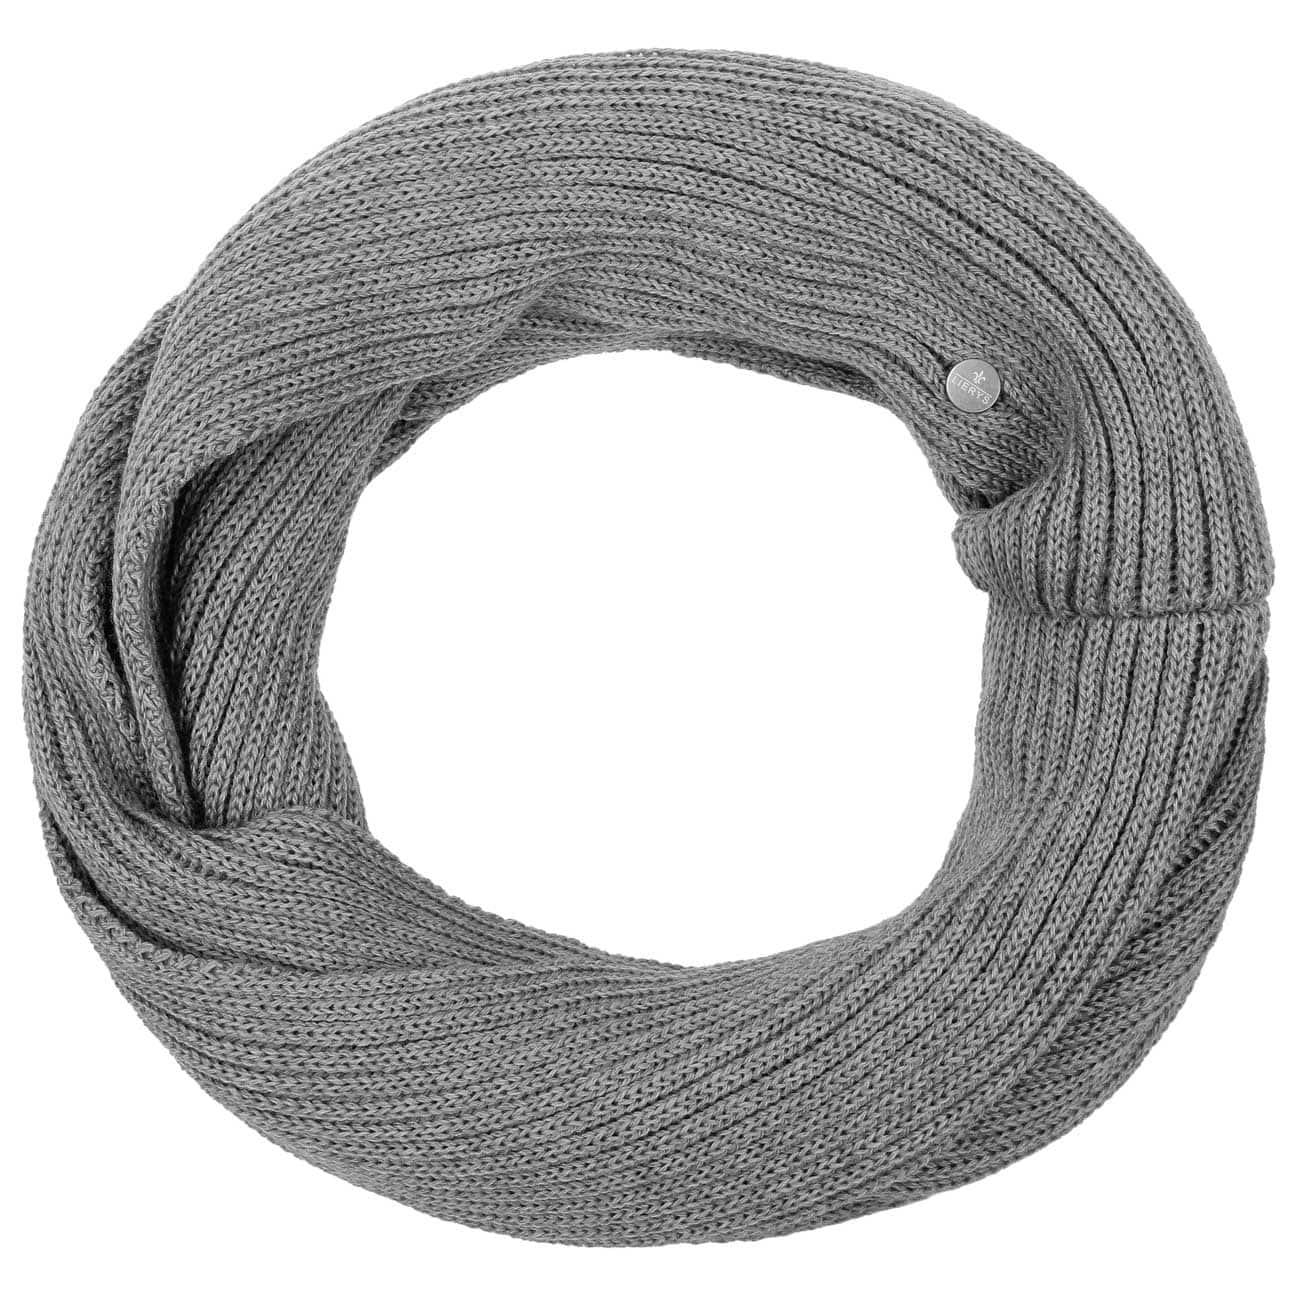 Bufanda Tubular Merino Rib by Lierys  bufanda infinita